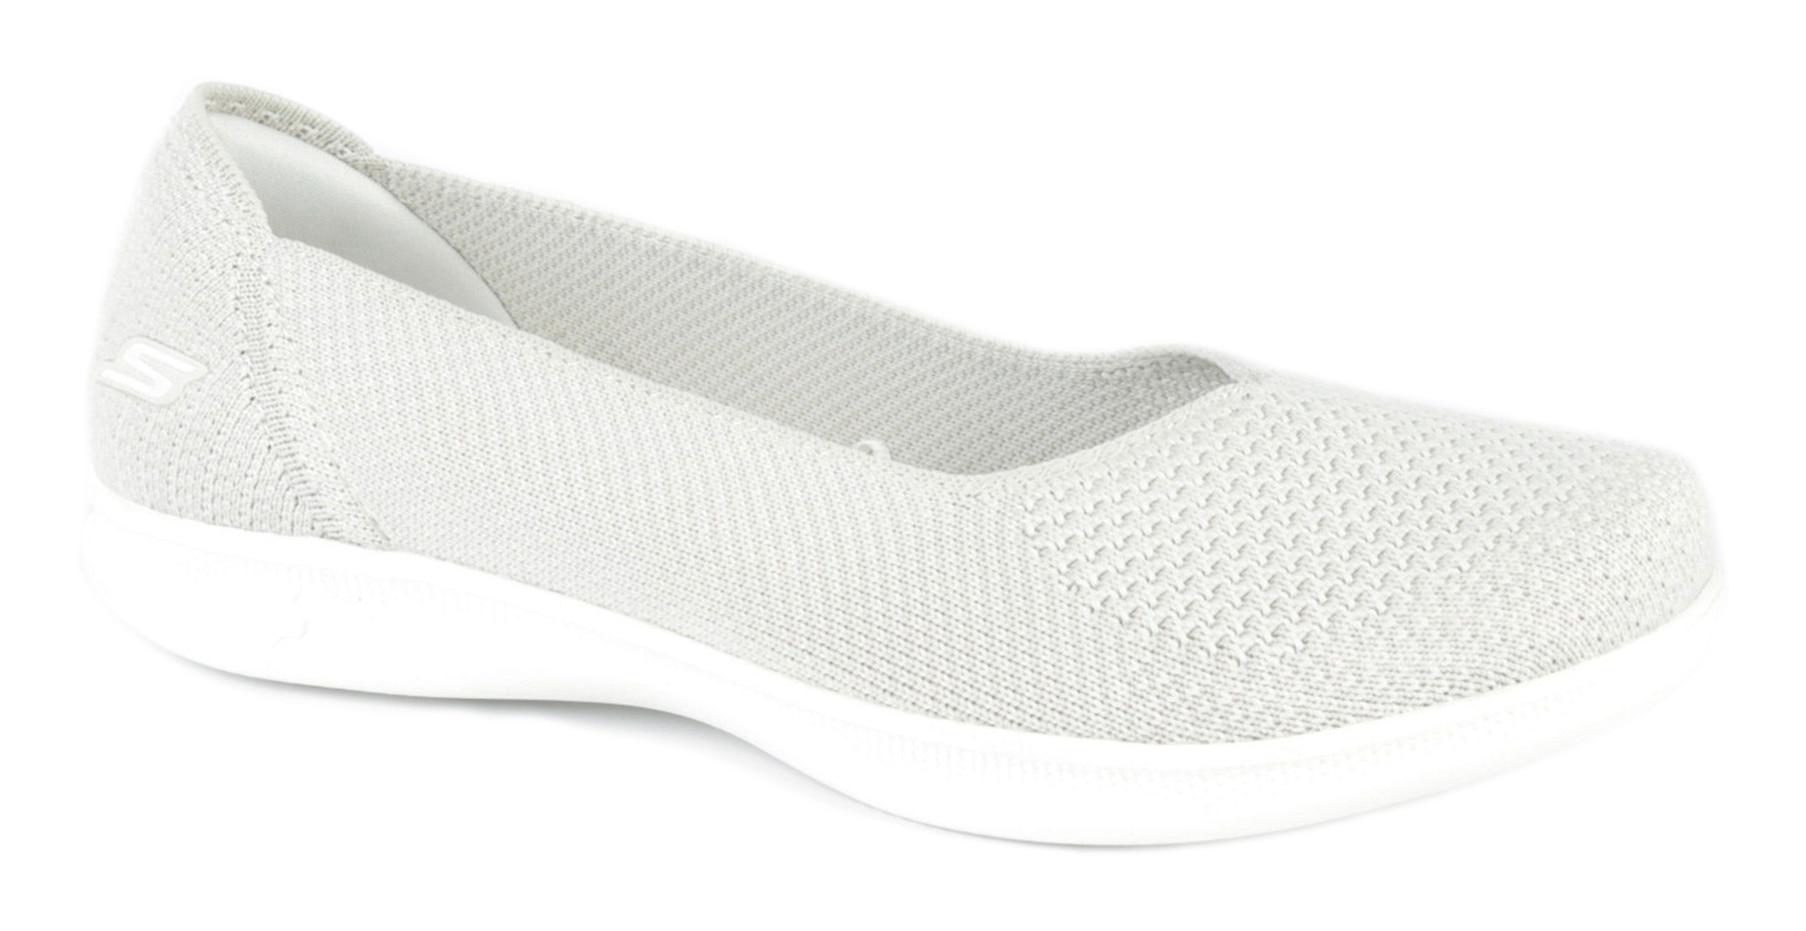 Skechers Go Step Lite Knitted Ballet Flat